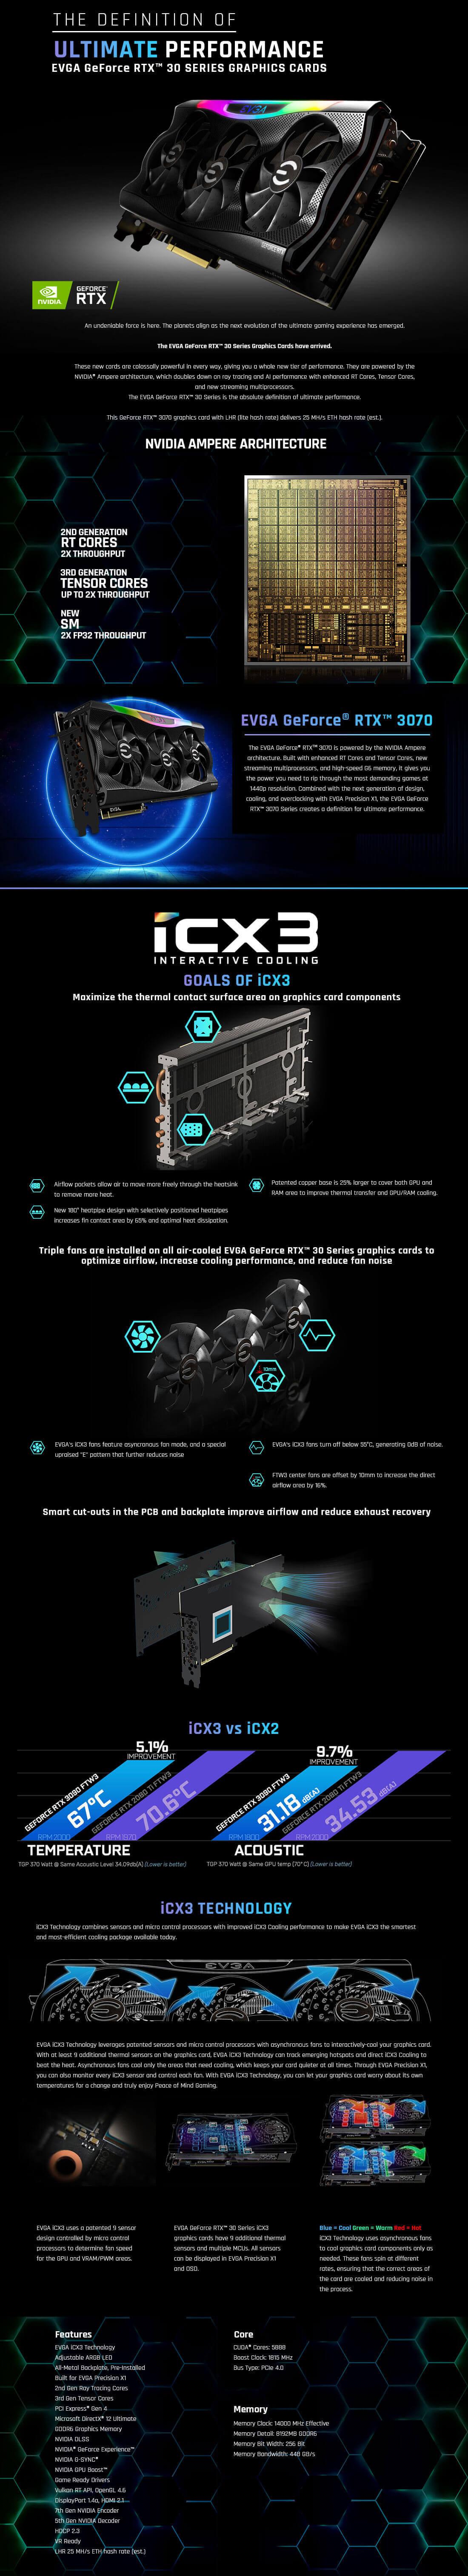 EVGA GeForce RTX™ 3070 FTW3 ULTRA GAMING - 8GB GDDR6 (LHR)